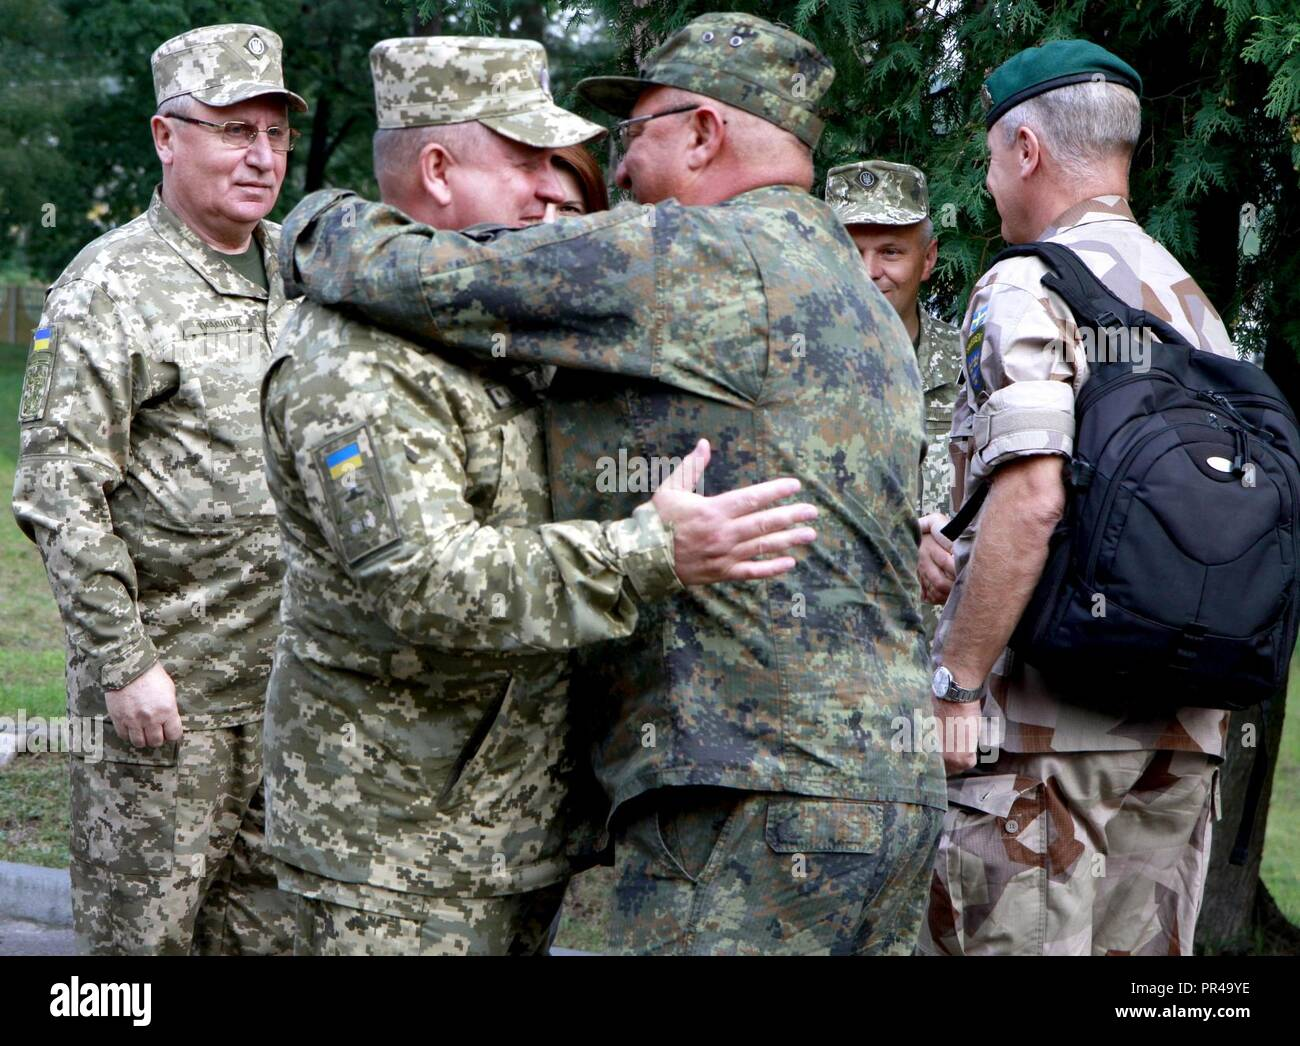 Ukrainische Col. Gen. 363 Popko (links), Kommandeur der ukrainischen Land Kräfte Befehl begrüßt einen Vertreter aus Deutschland, für die Schnelle Trident Gast tag Sept. 7 an der internationalen Friedenssicherung Security Center in der Nähe von Yavoriv, Ukraine unterschieden. Stockfoto